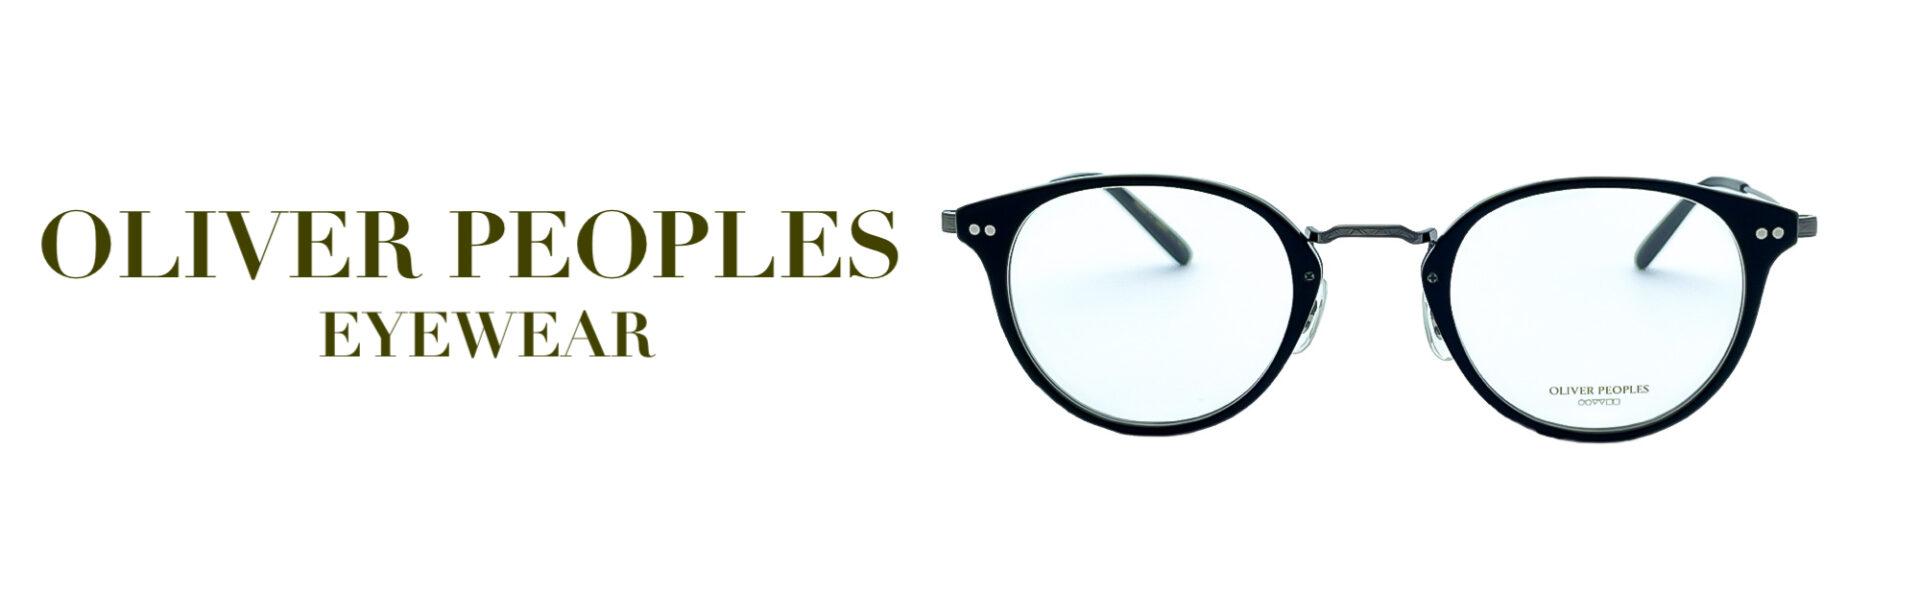 オリバー ピープルス, oliver peoples